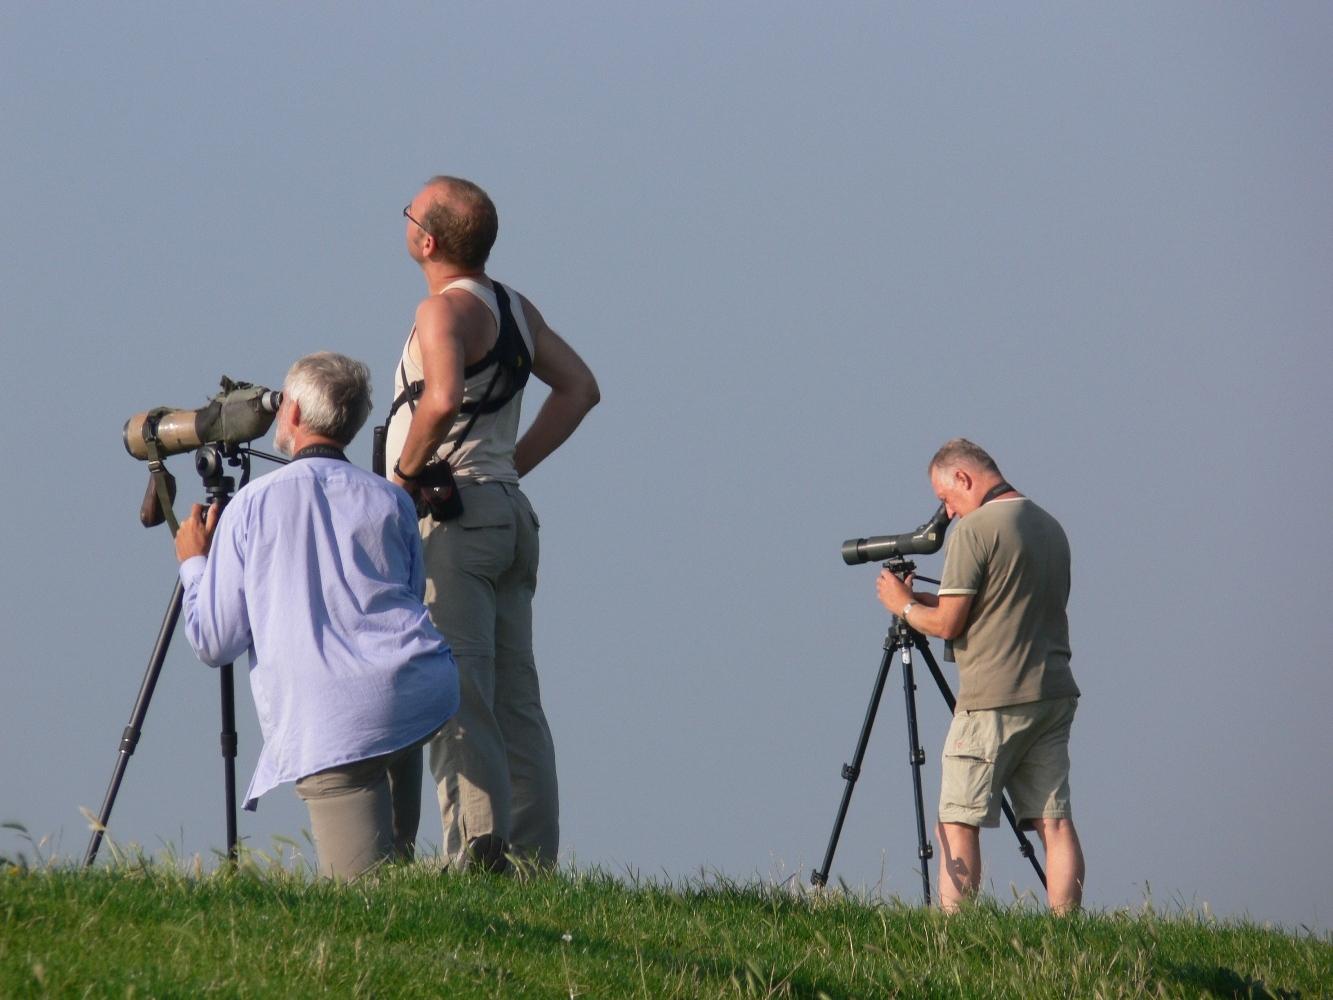 Vogelaars met verrekijker op de dijk VVV Texel fotograaf Jacob van Kraaikamp